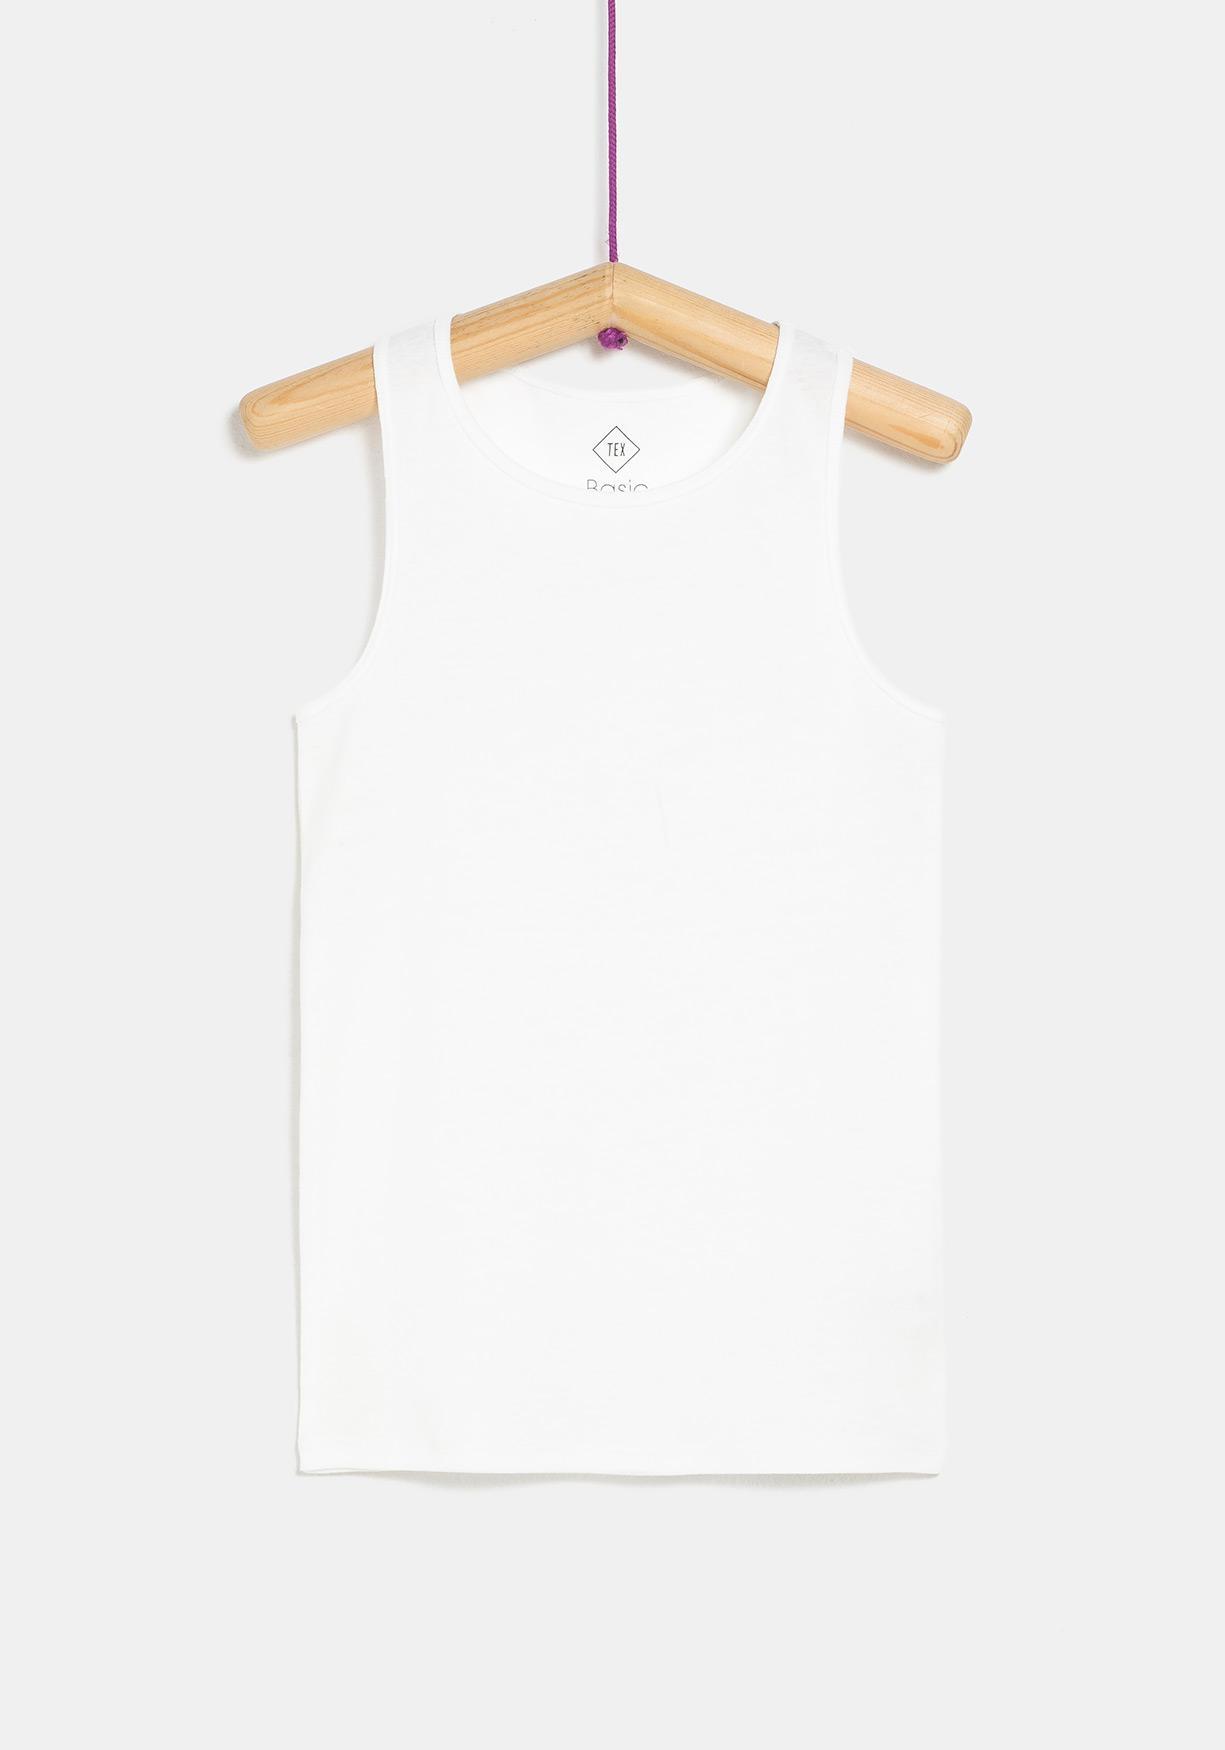 46d00c4afd6 Comprar Camiseta básica espalda nadadora TEX. ¡Aprovéchate de ...